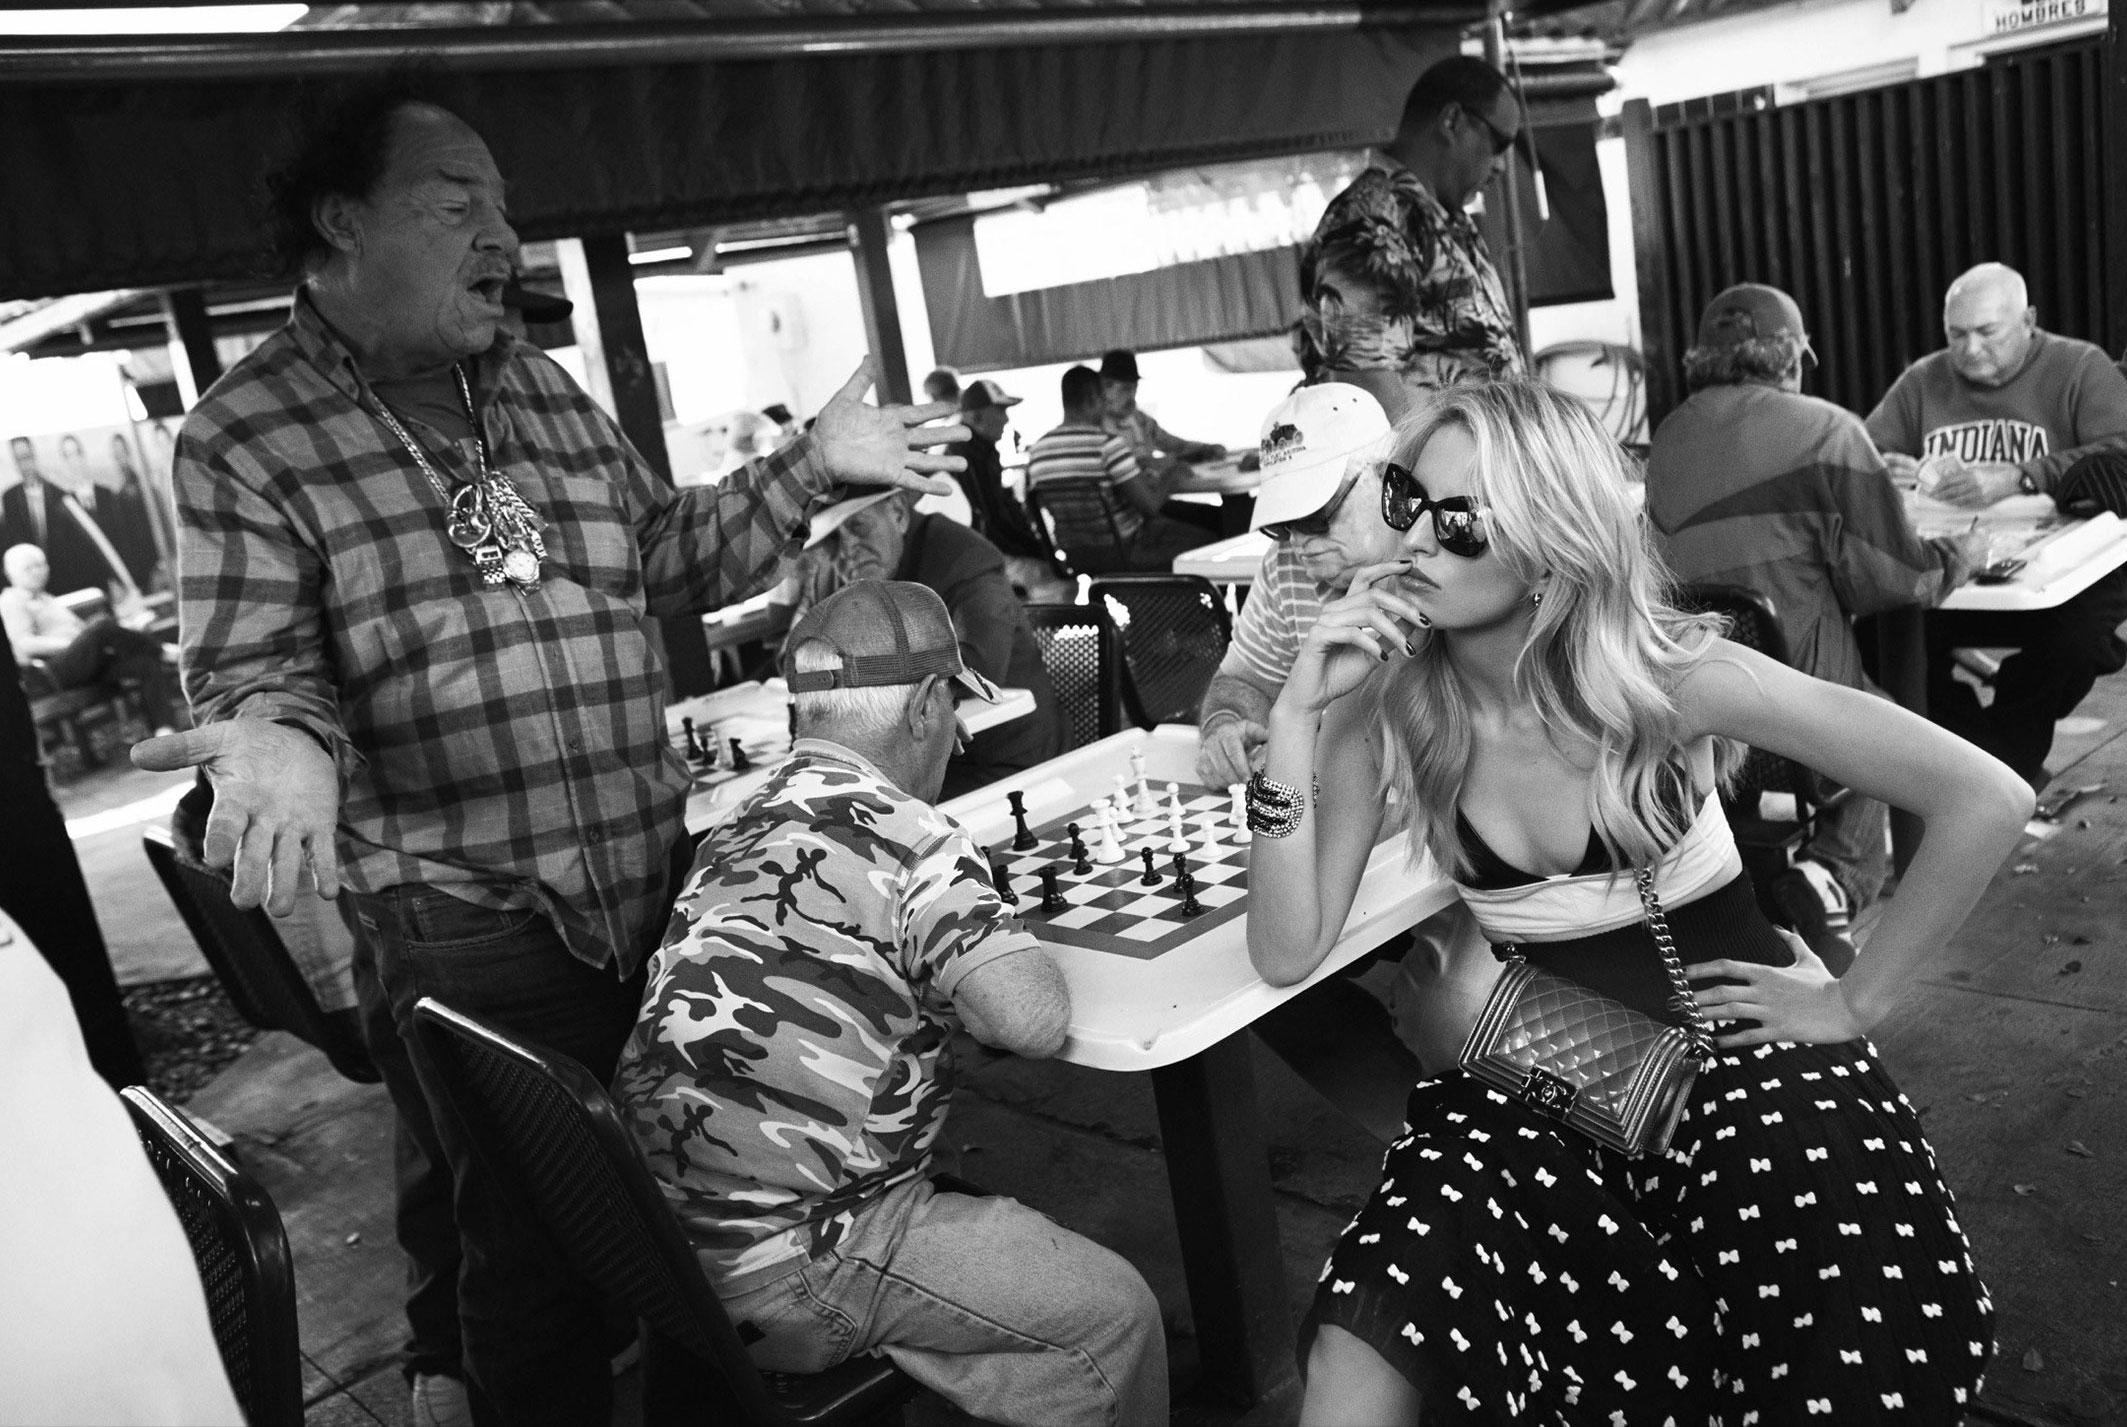 Karolina Kurkova by Koray Birand / Vogue Mexico april 2014 - photo 01